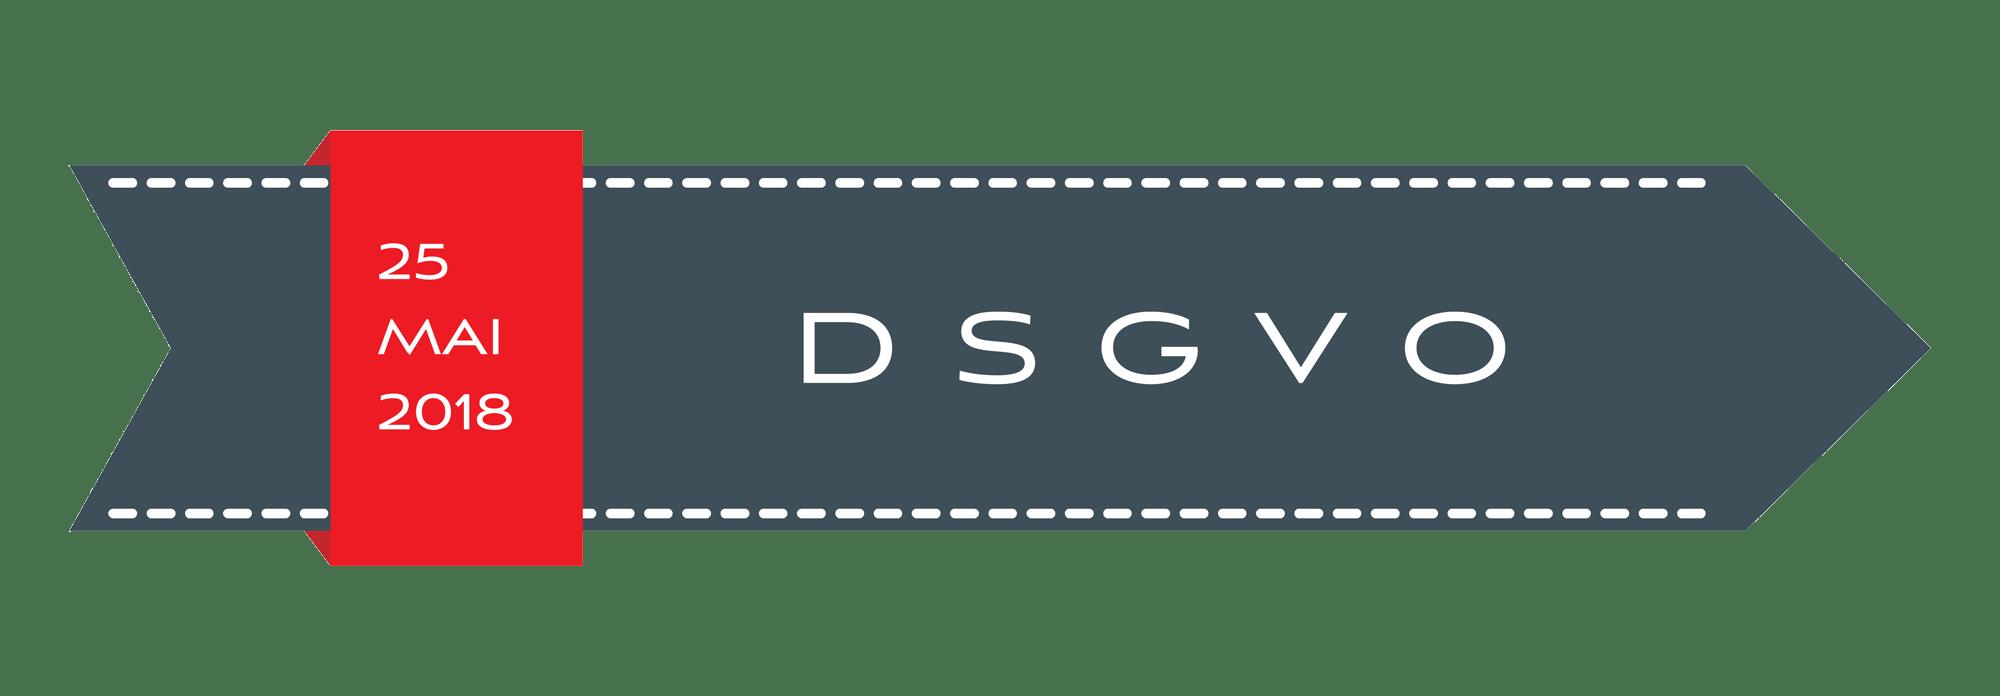 DSGVO Hilfe Webseite